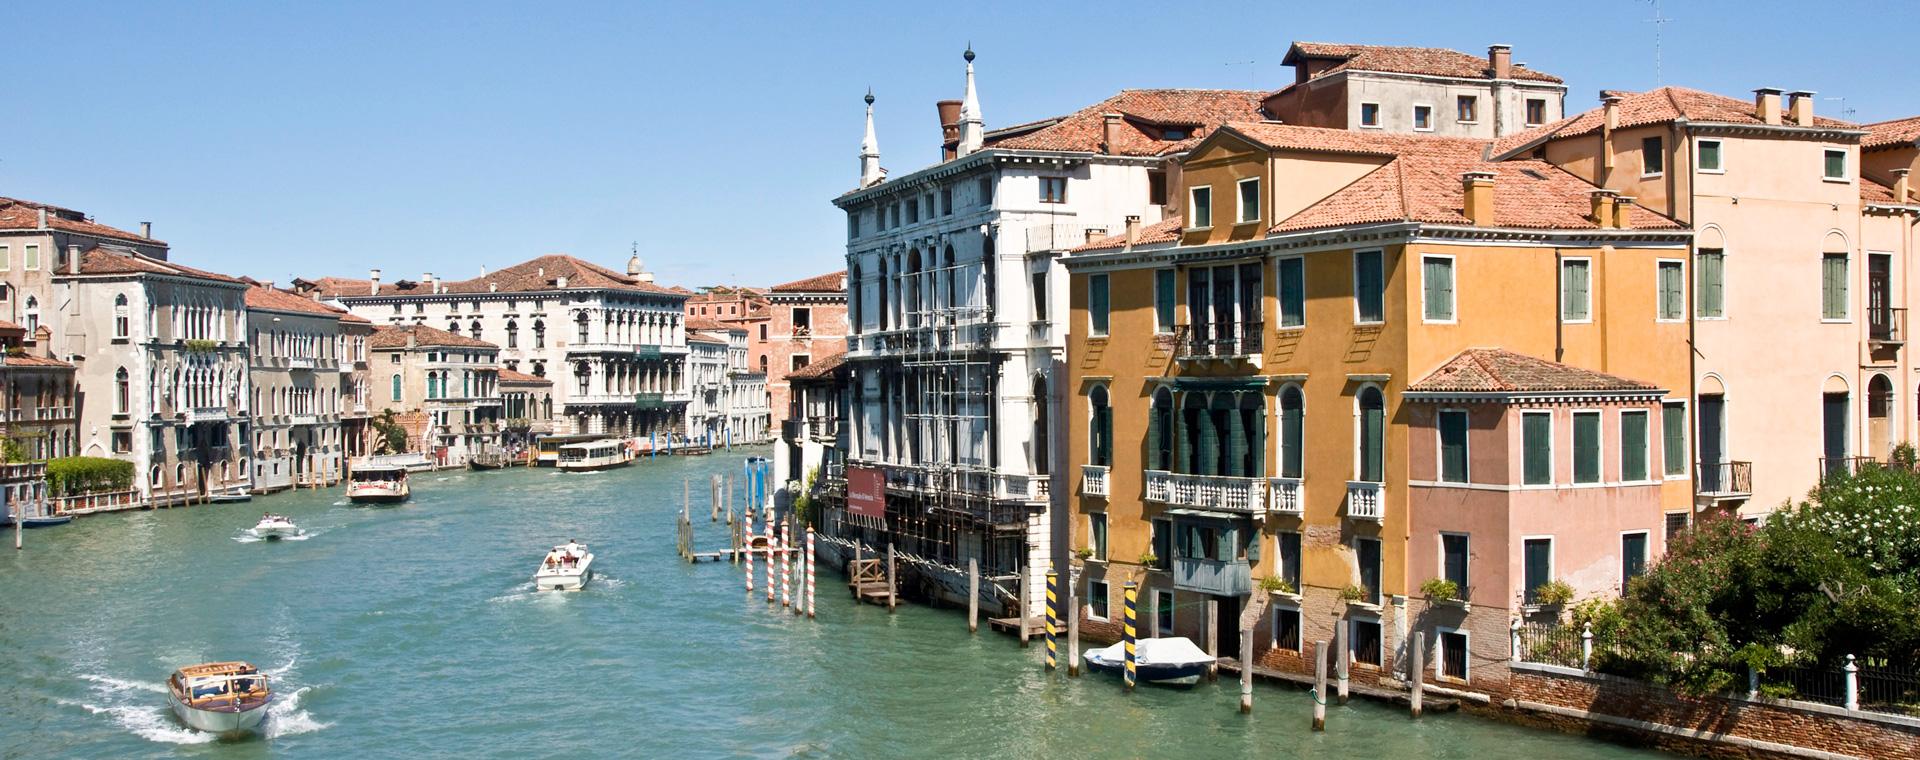 Voyage à pied : Allemagne : De Munich à Venise, par les Cinque Torri